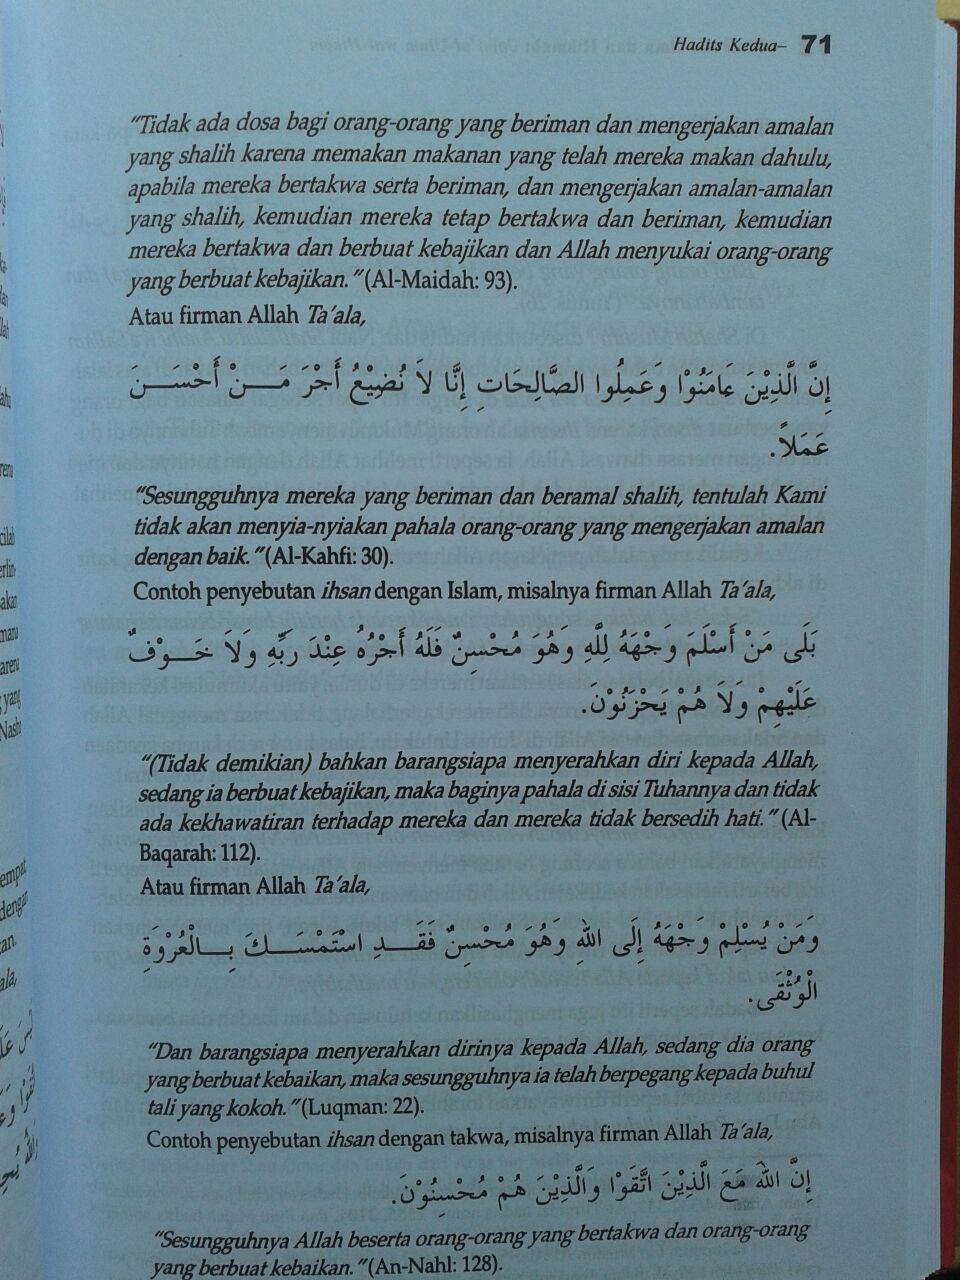 Buku Panduan Ilmu Dan Hikmah (Jami'ul Ulum Wal Hikam) isi 2